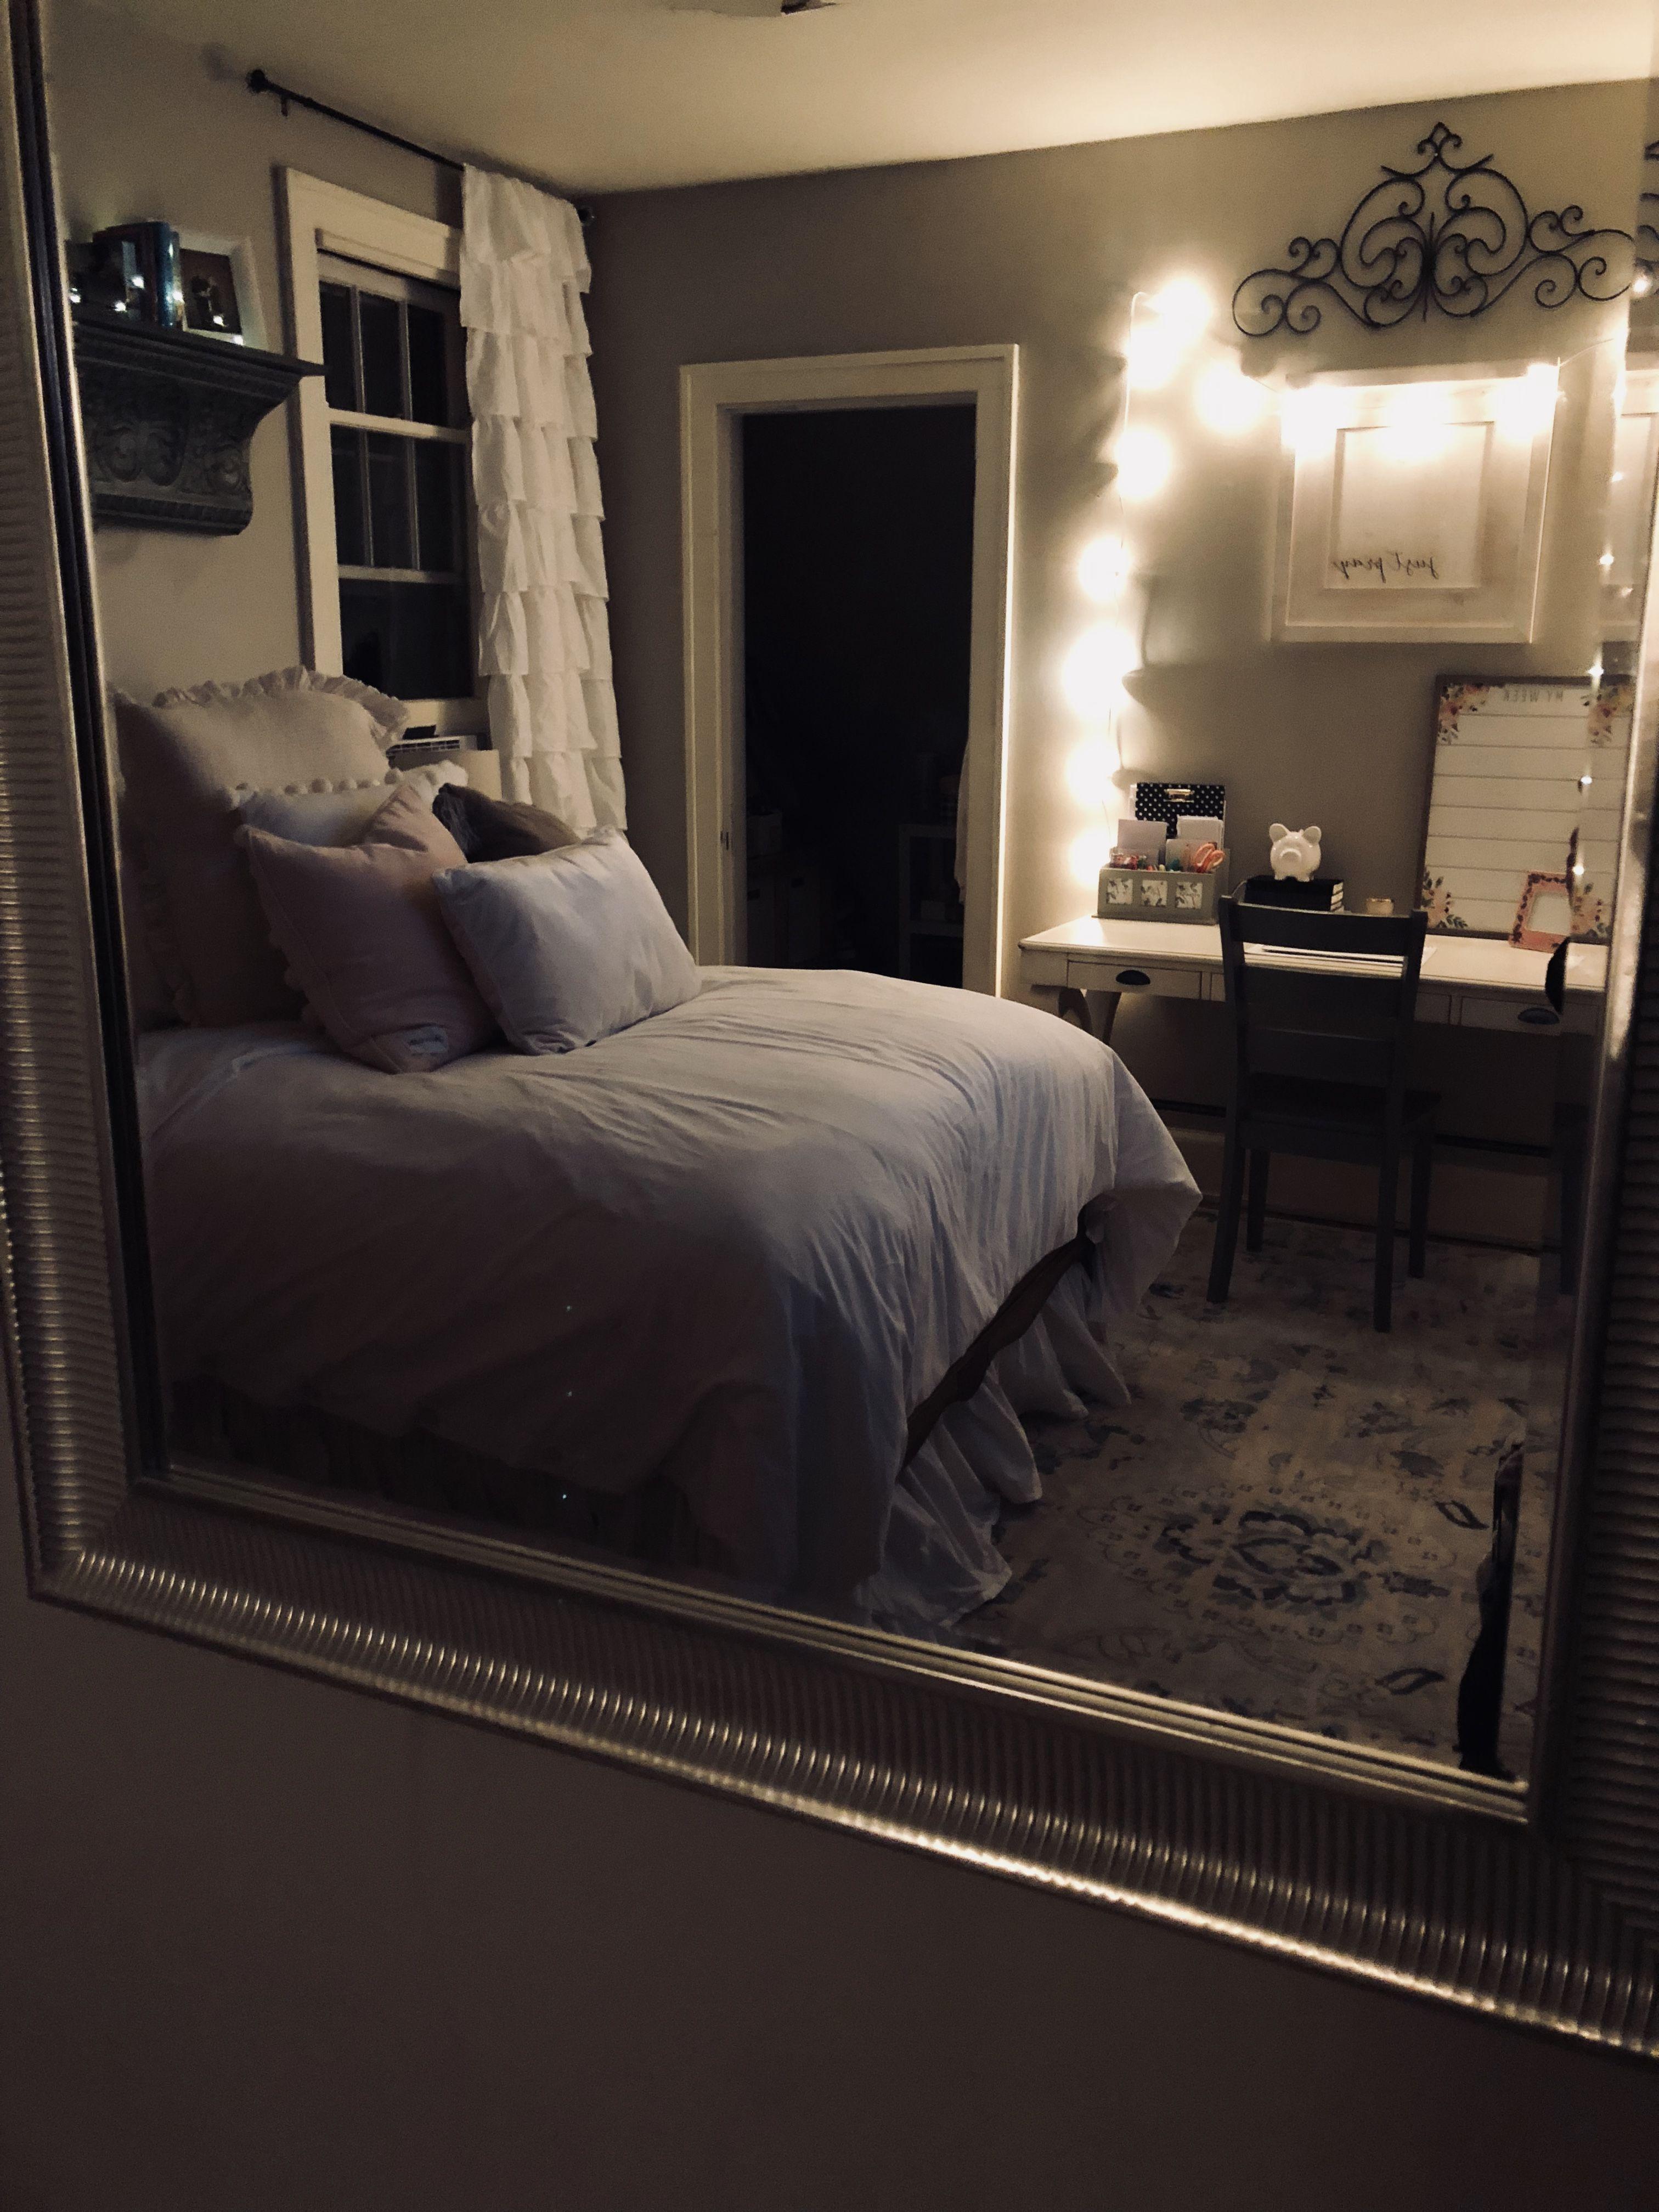 Cozy Bedroom For College Girl Cozy Bedroom Bedroom Decor Dark Bedroom Decor Cozy